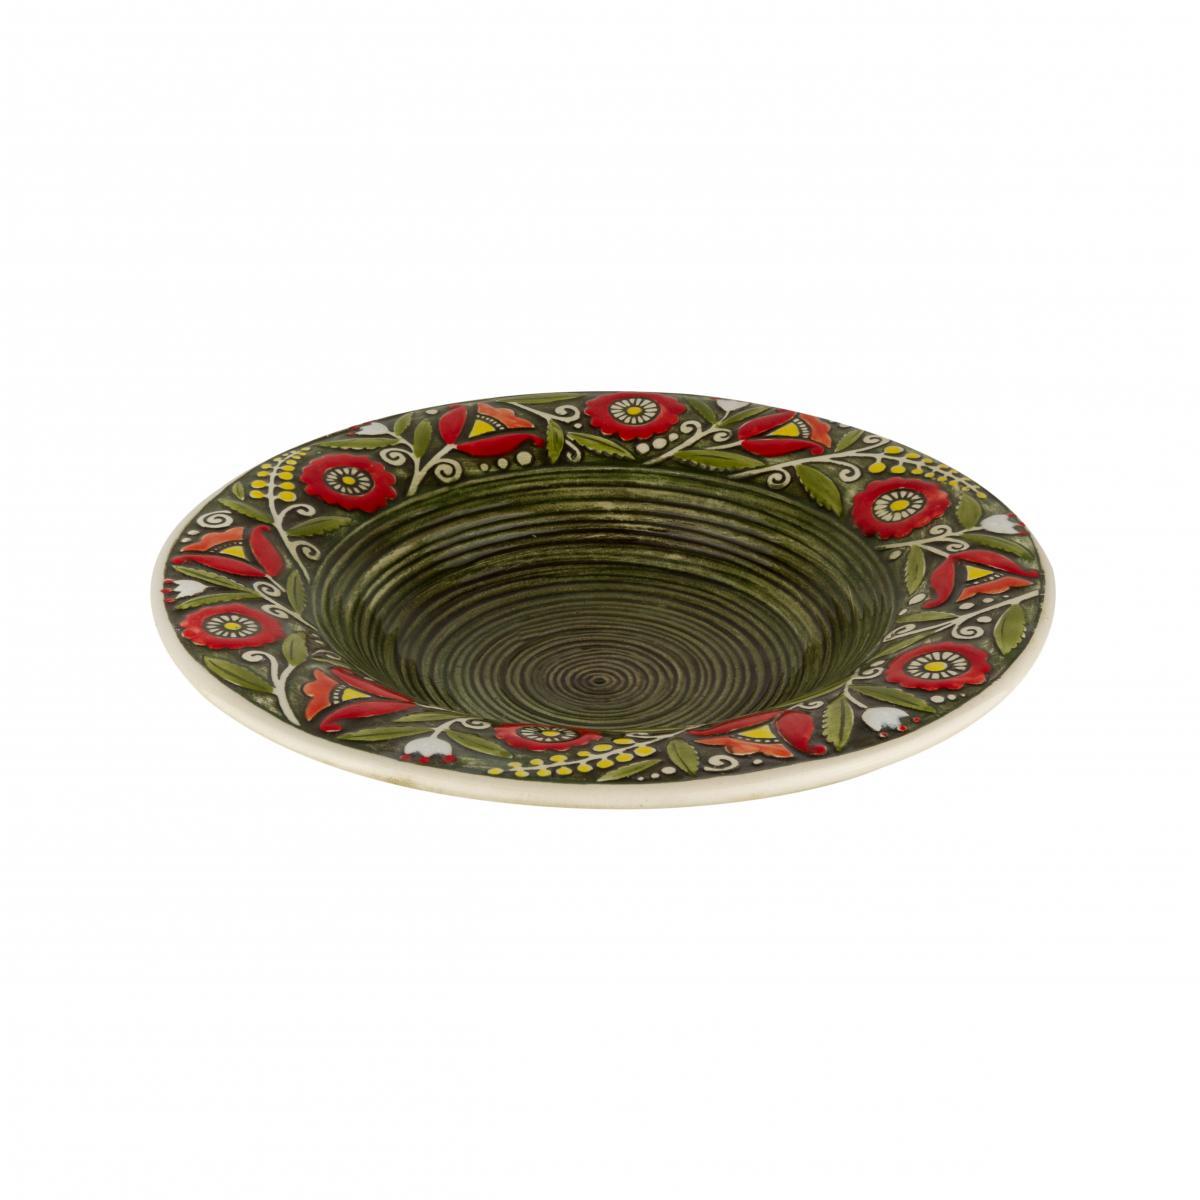 Супова тарілка зелена – 350 мл. Фото №2. | Народний дім Україна